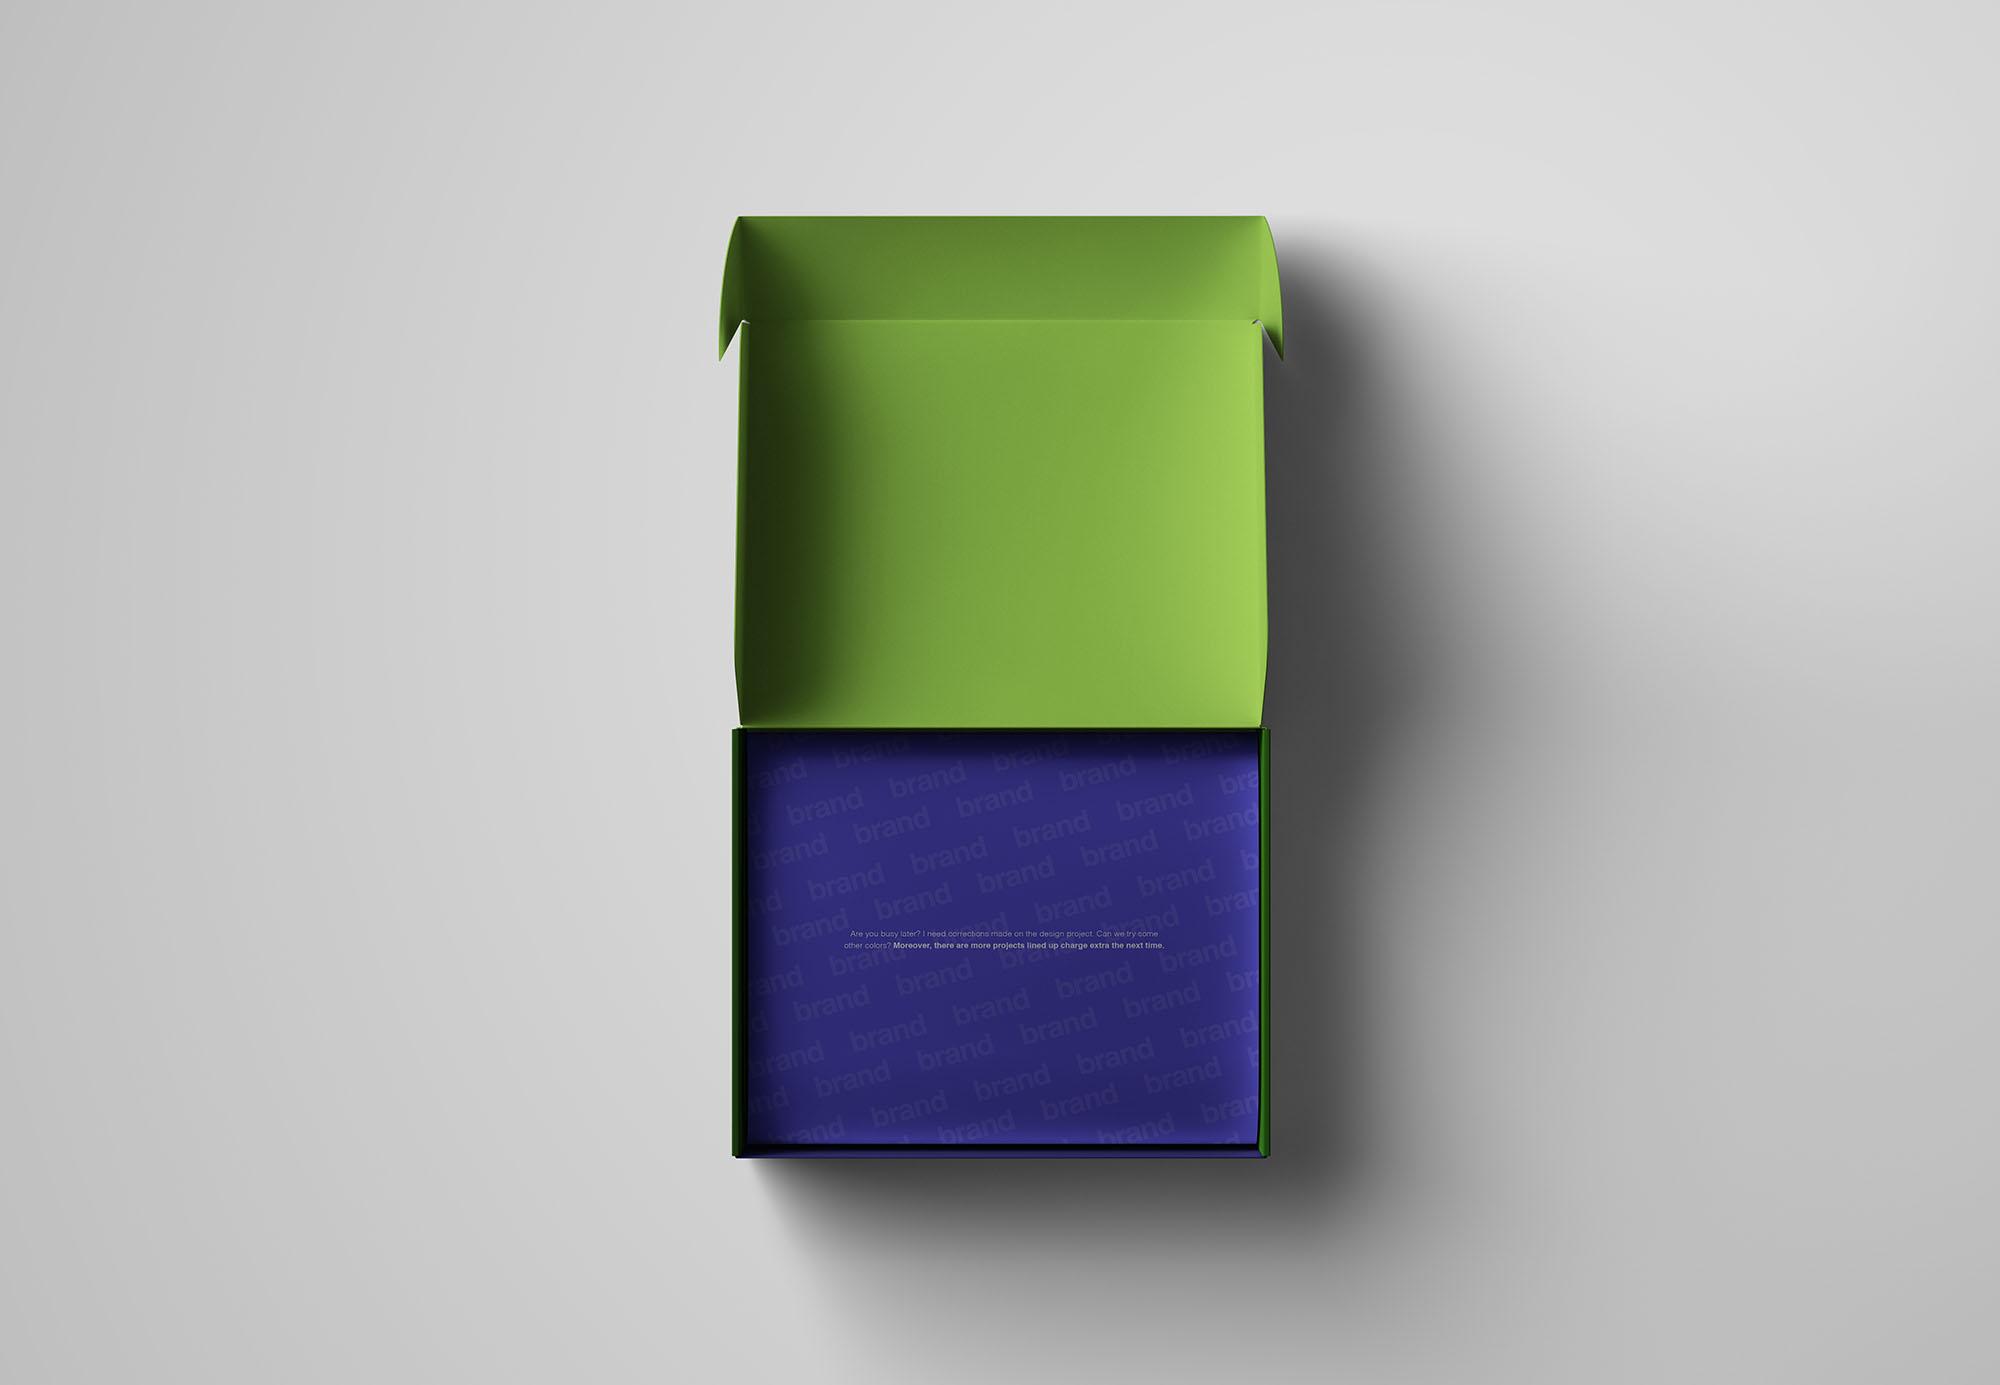 高级包装盒样机模型展示mockups